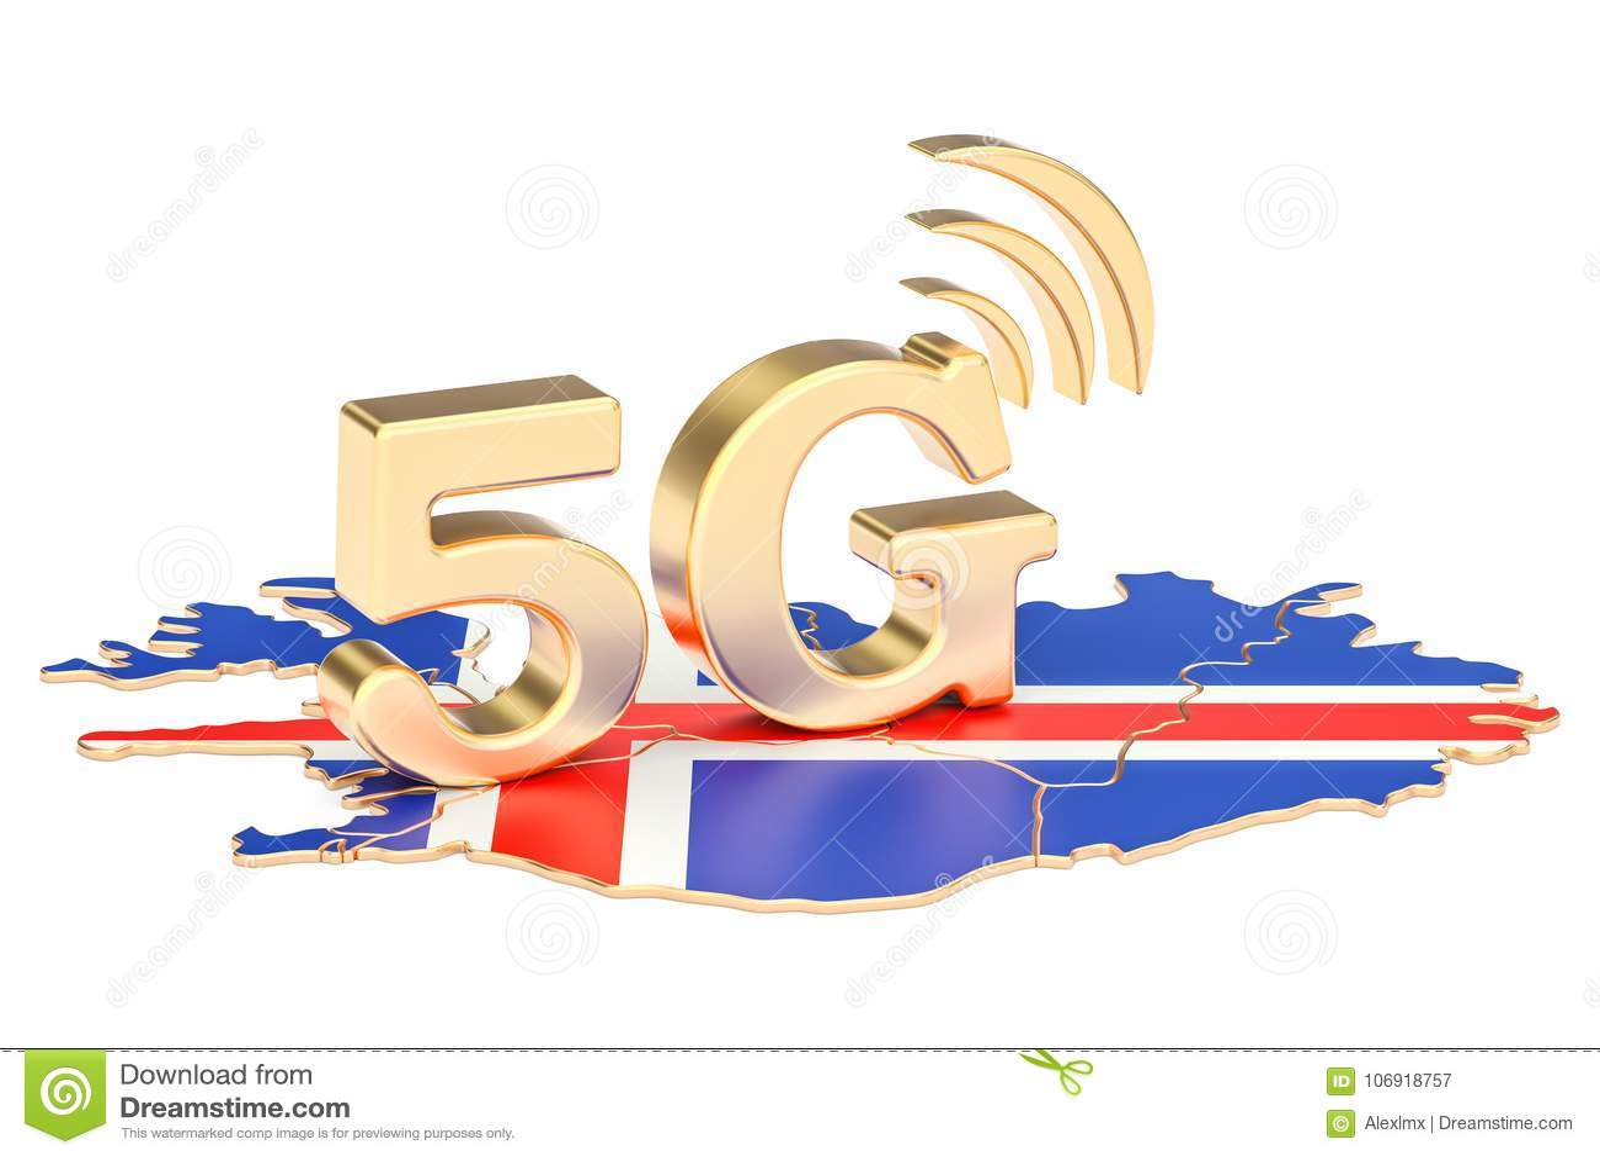 5G w Iceland pojęciu, 3D rendering